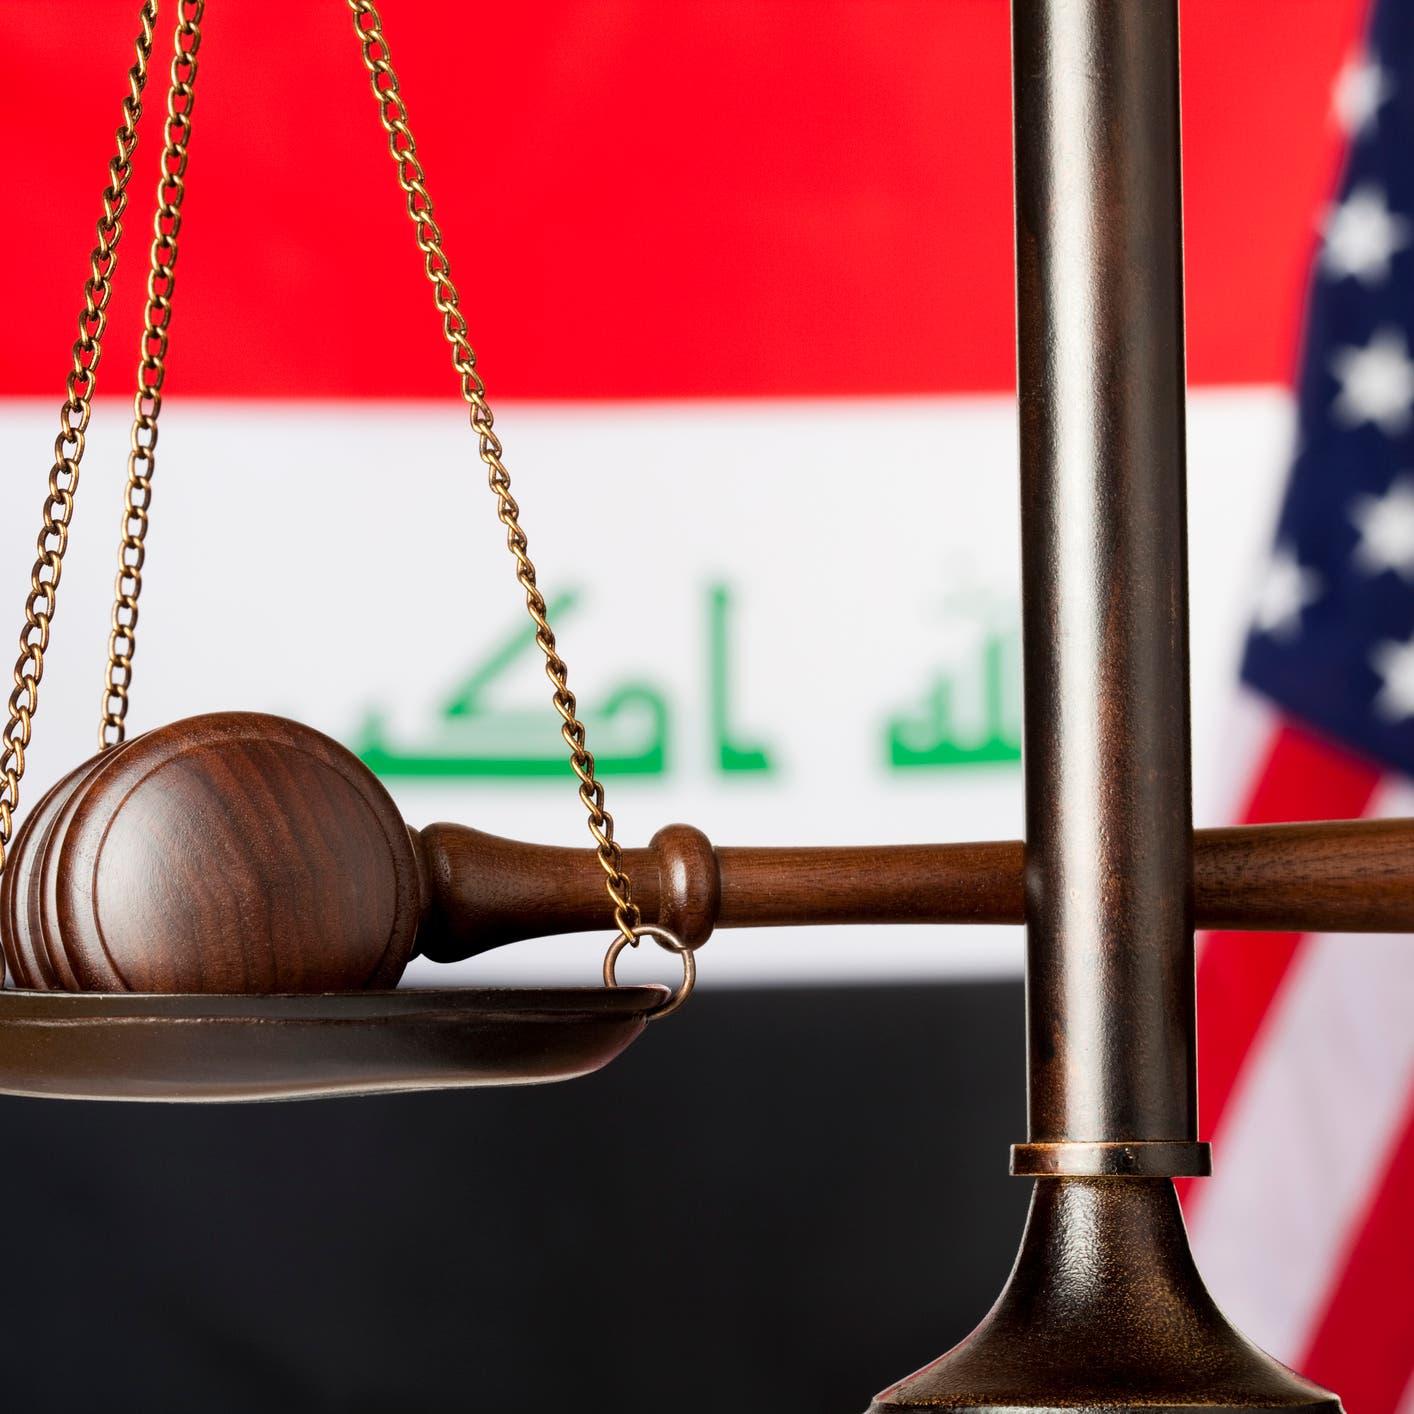 أميركا تشتبه في 4000 حالة احتيال ببرنامج اللاجئين العراقيين